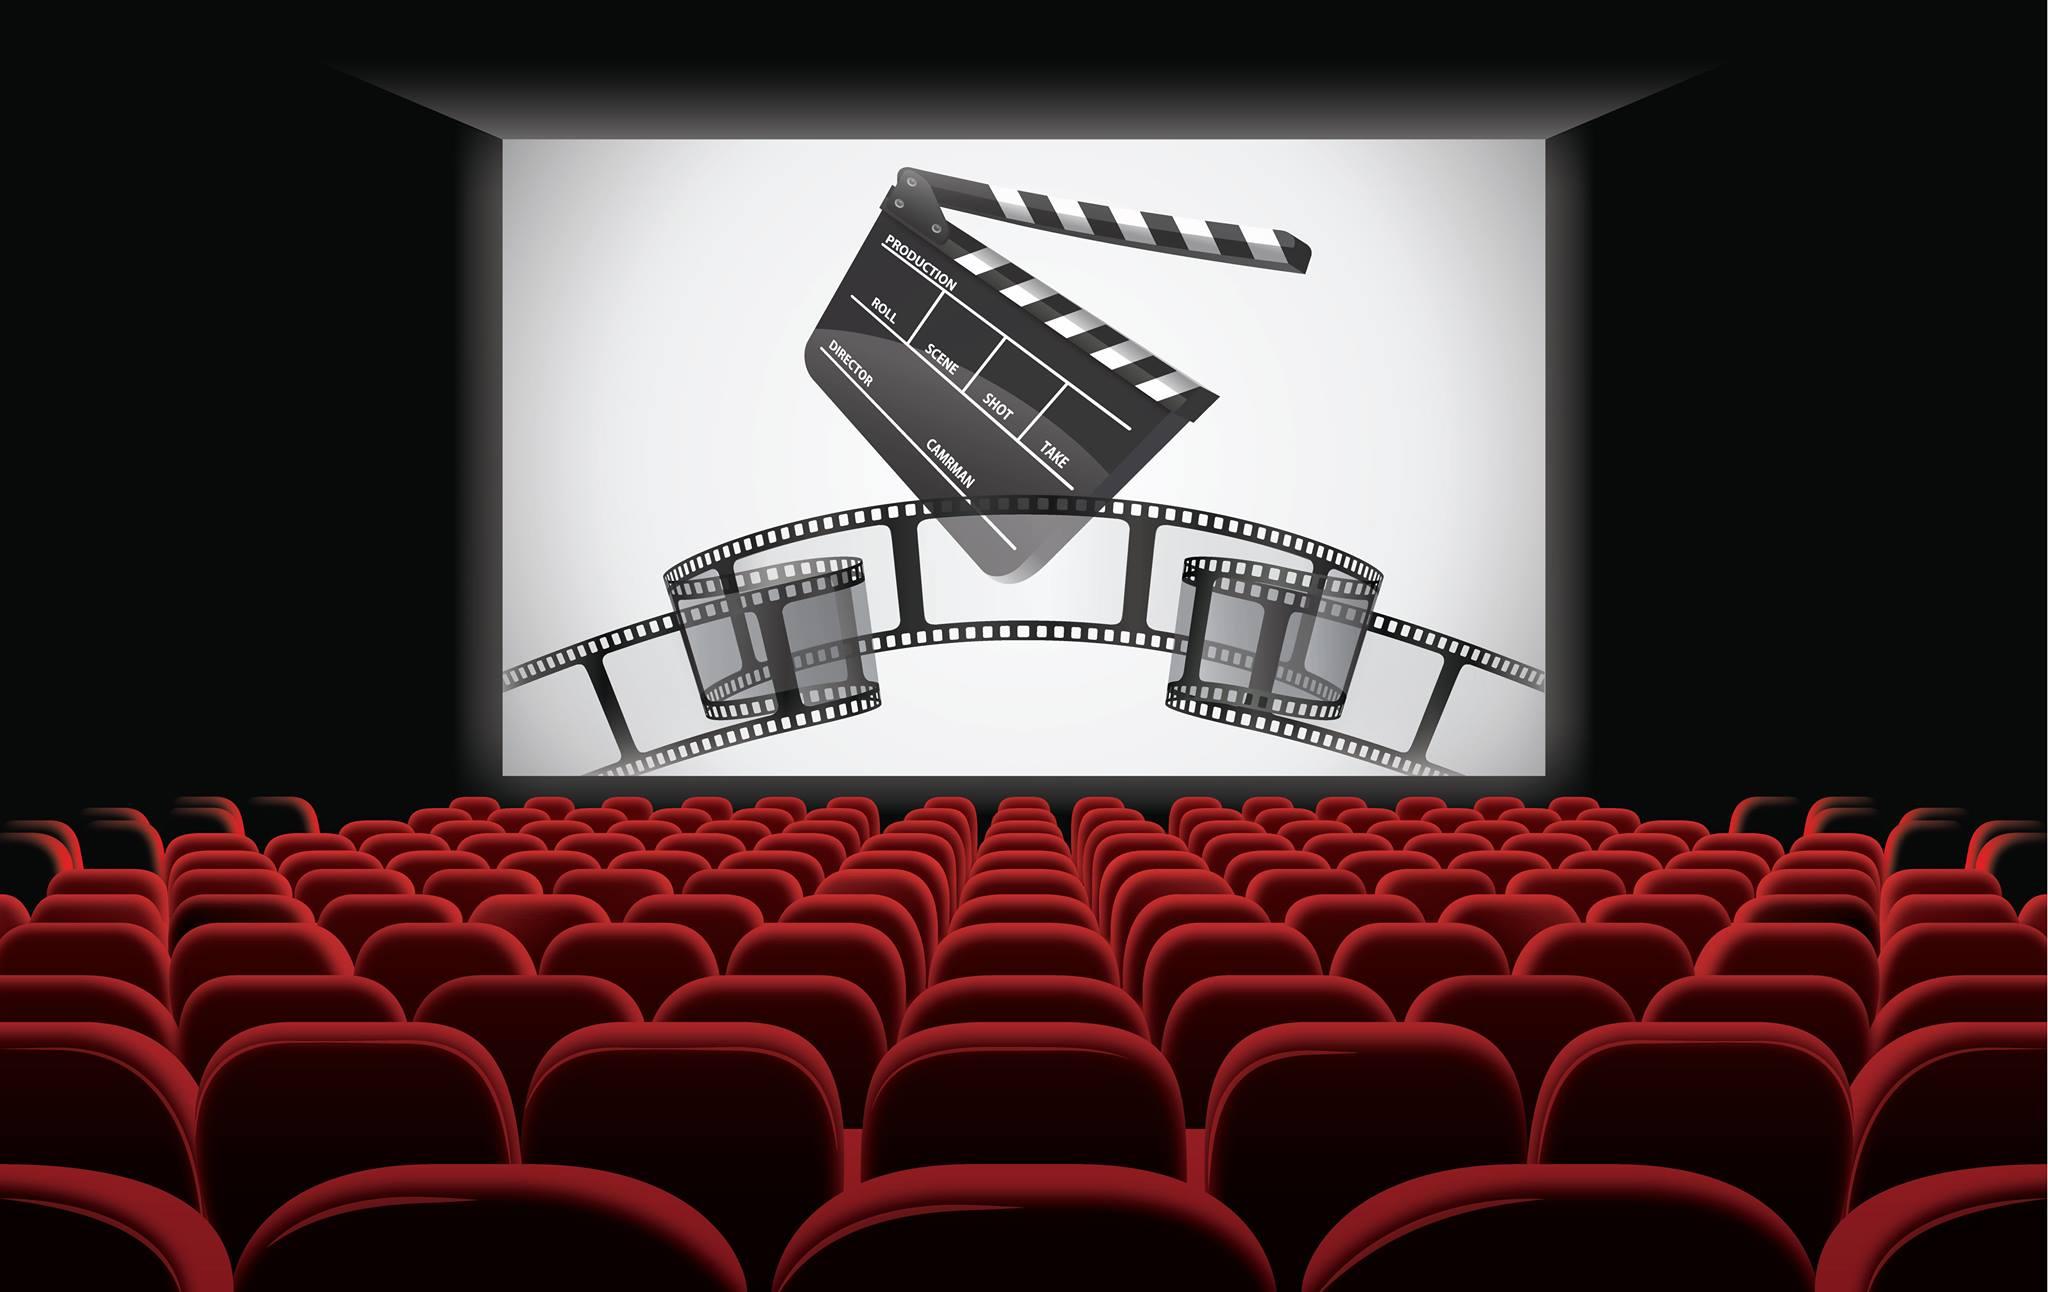 Os 10 filmes mais aguardados do primeiro semestre de 2020